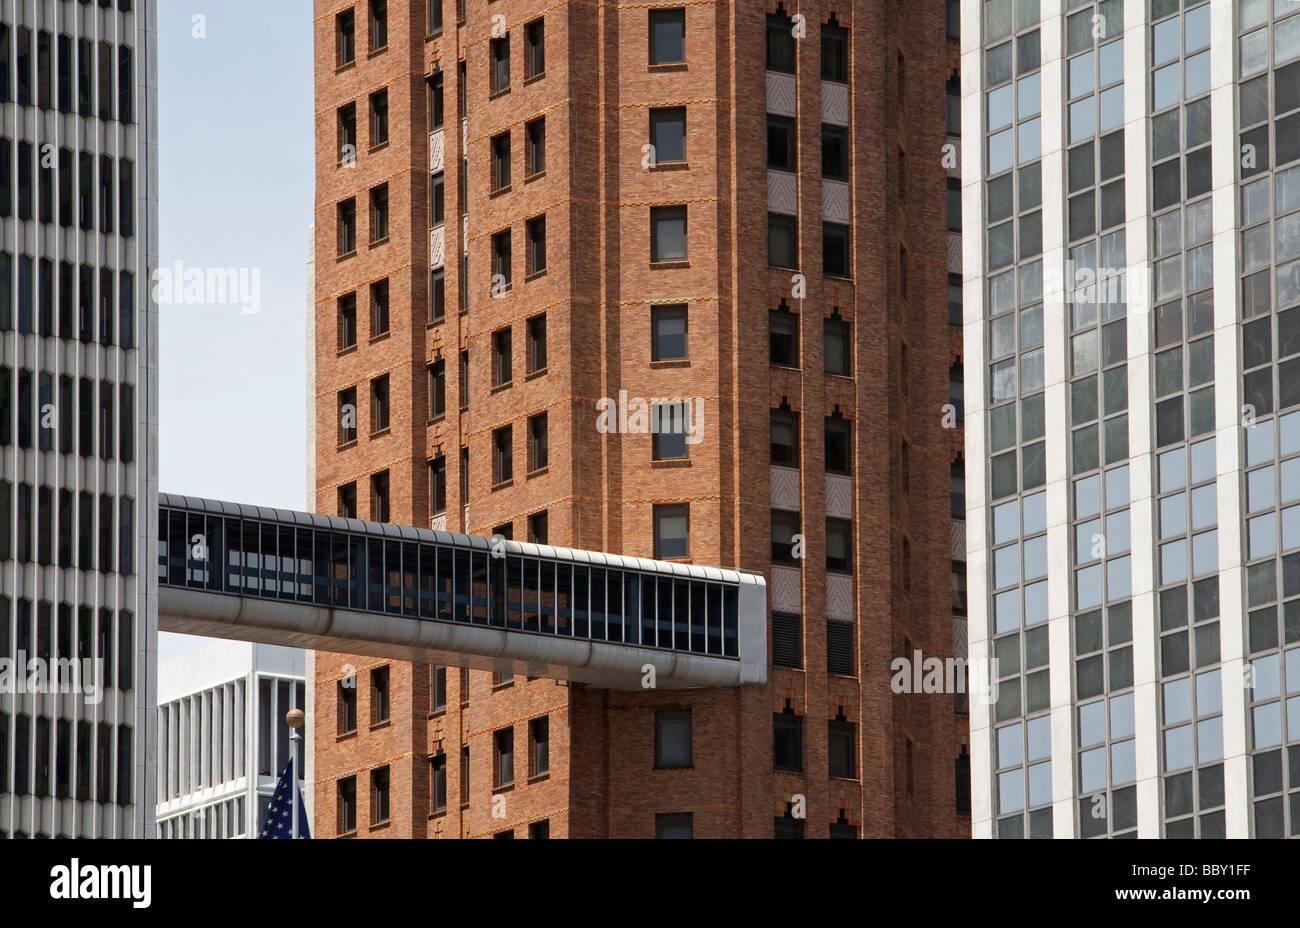 Skybridge conecta edificios históricos y modernos en Detroit. Imagen De Stock